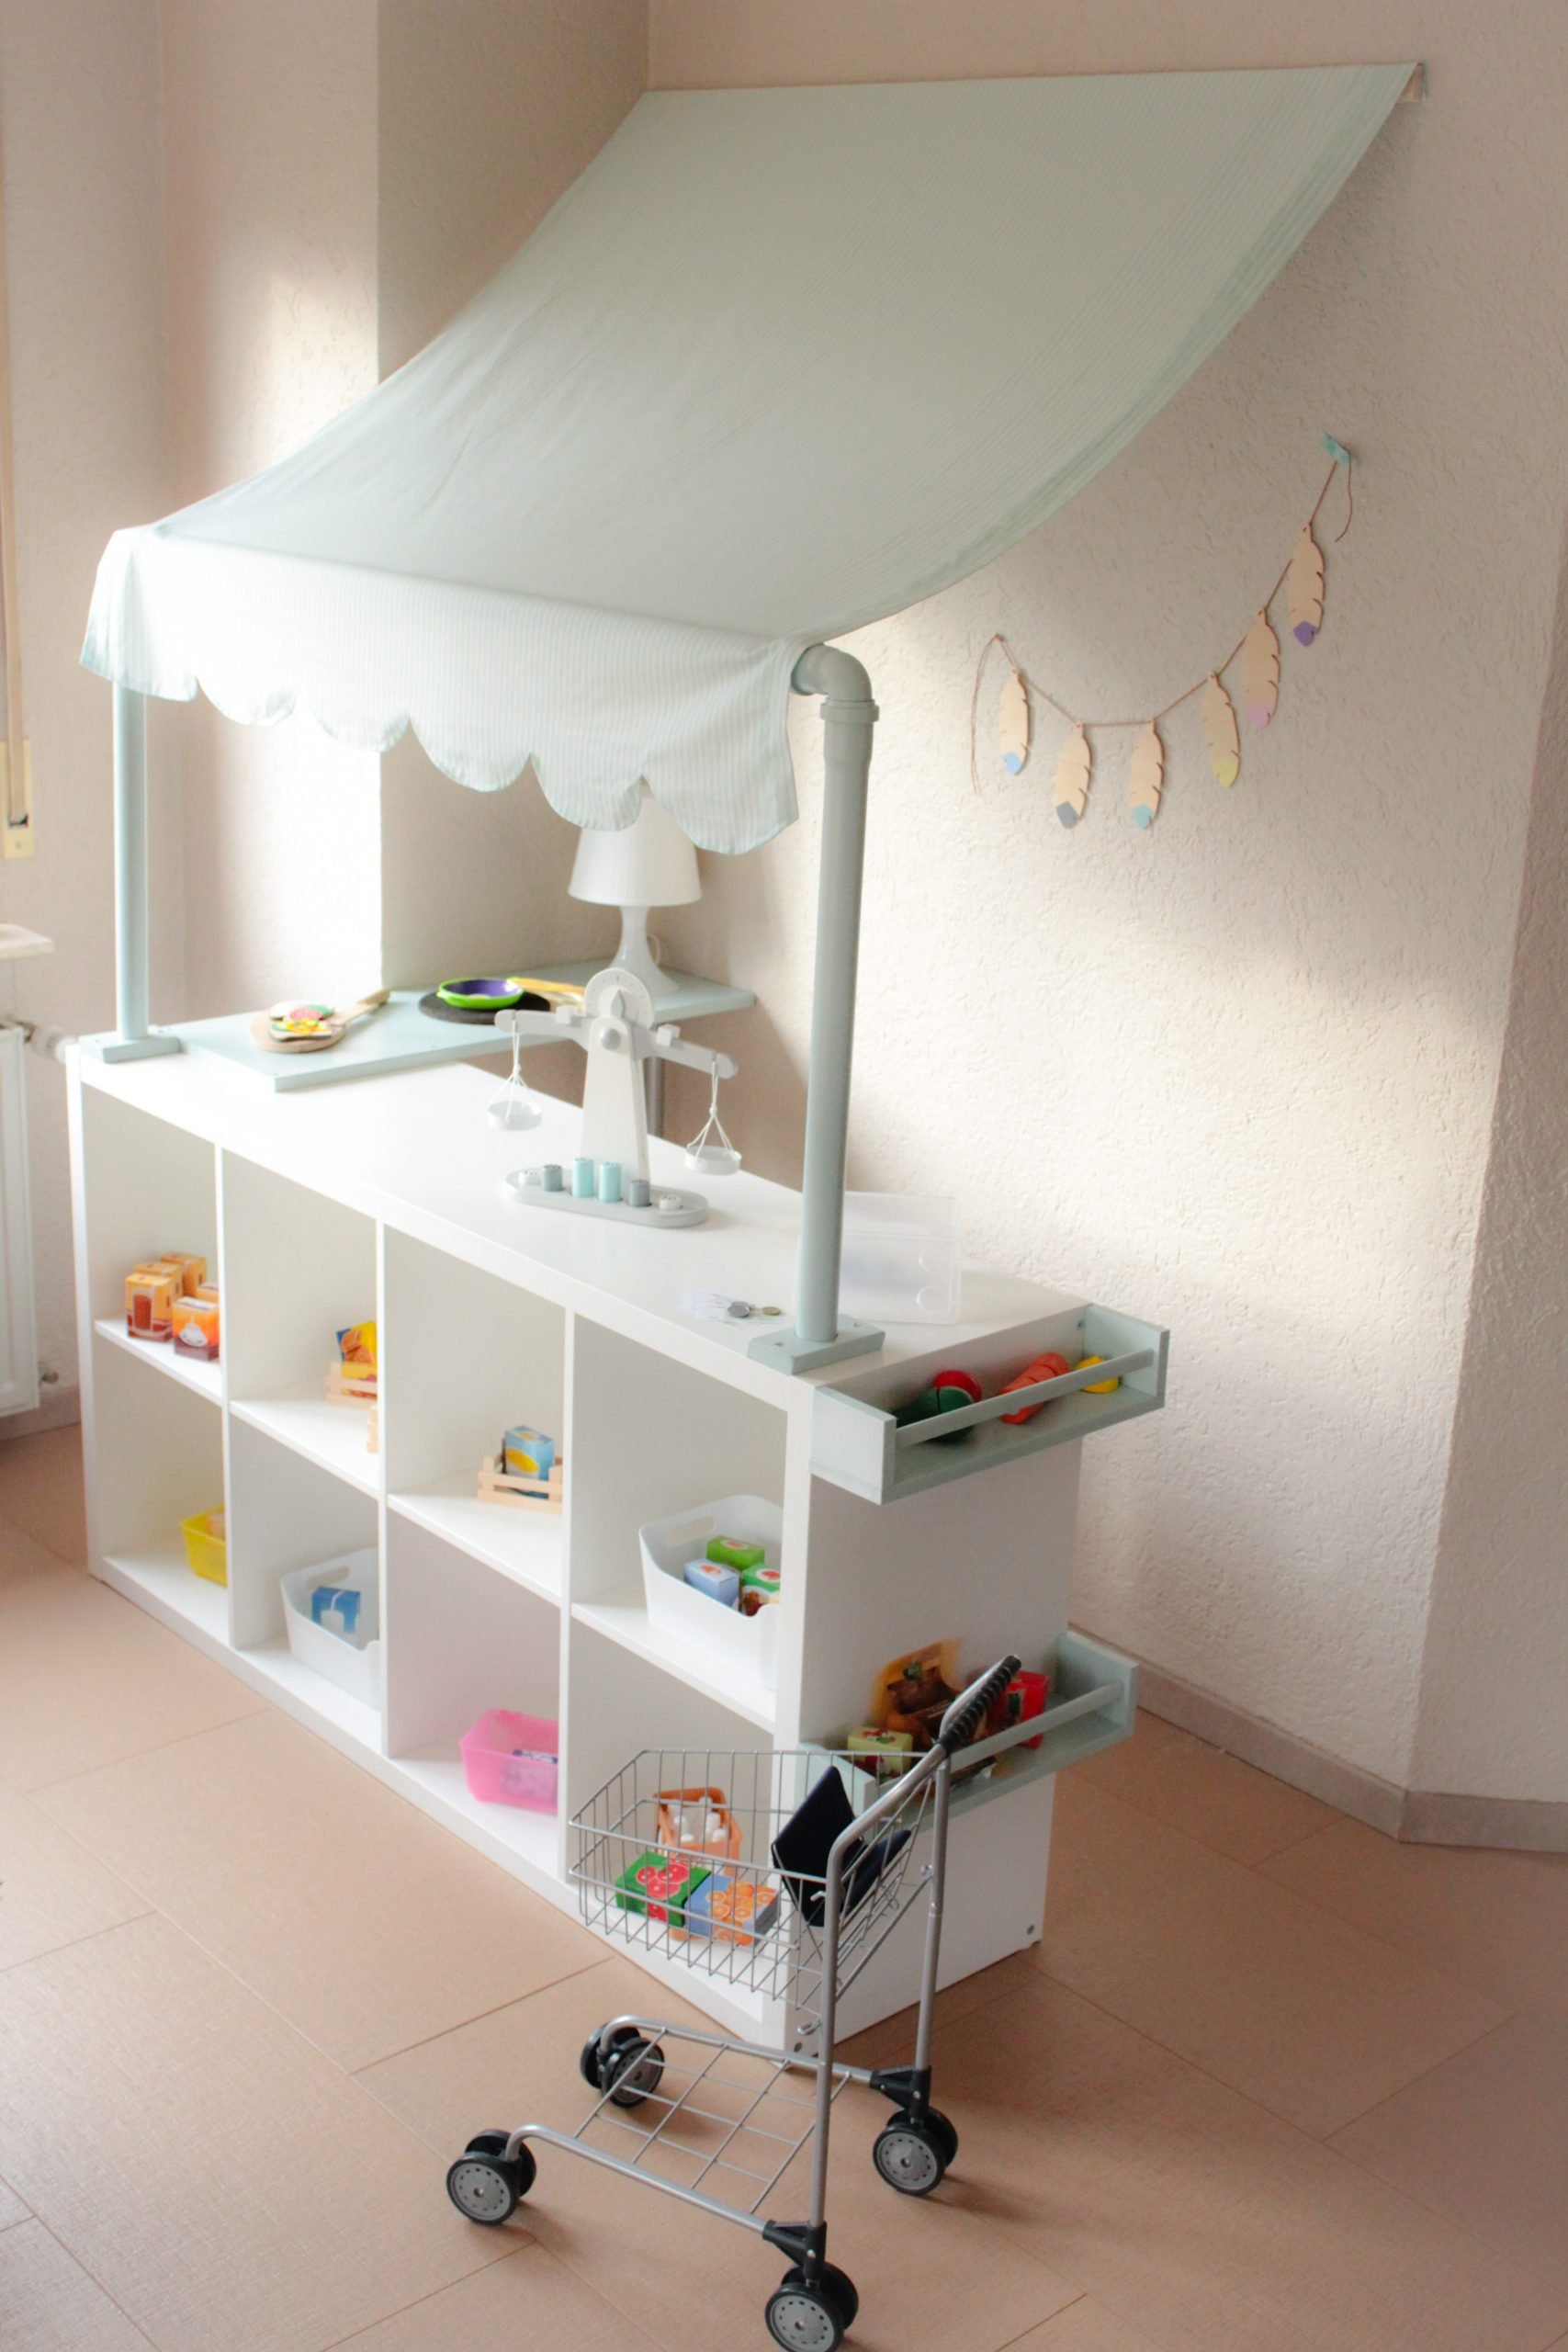 Full Size of Ikea Hacks Diy Kaufladen Selber Machen Betten 160x200 Küche Kosten Sofa Mit Schlaffunktion Bei Miniküche Modulküche Kaufen Wohnzimmer Ikea Hacks